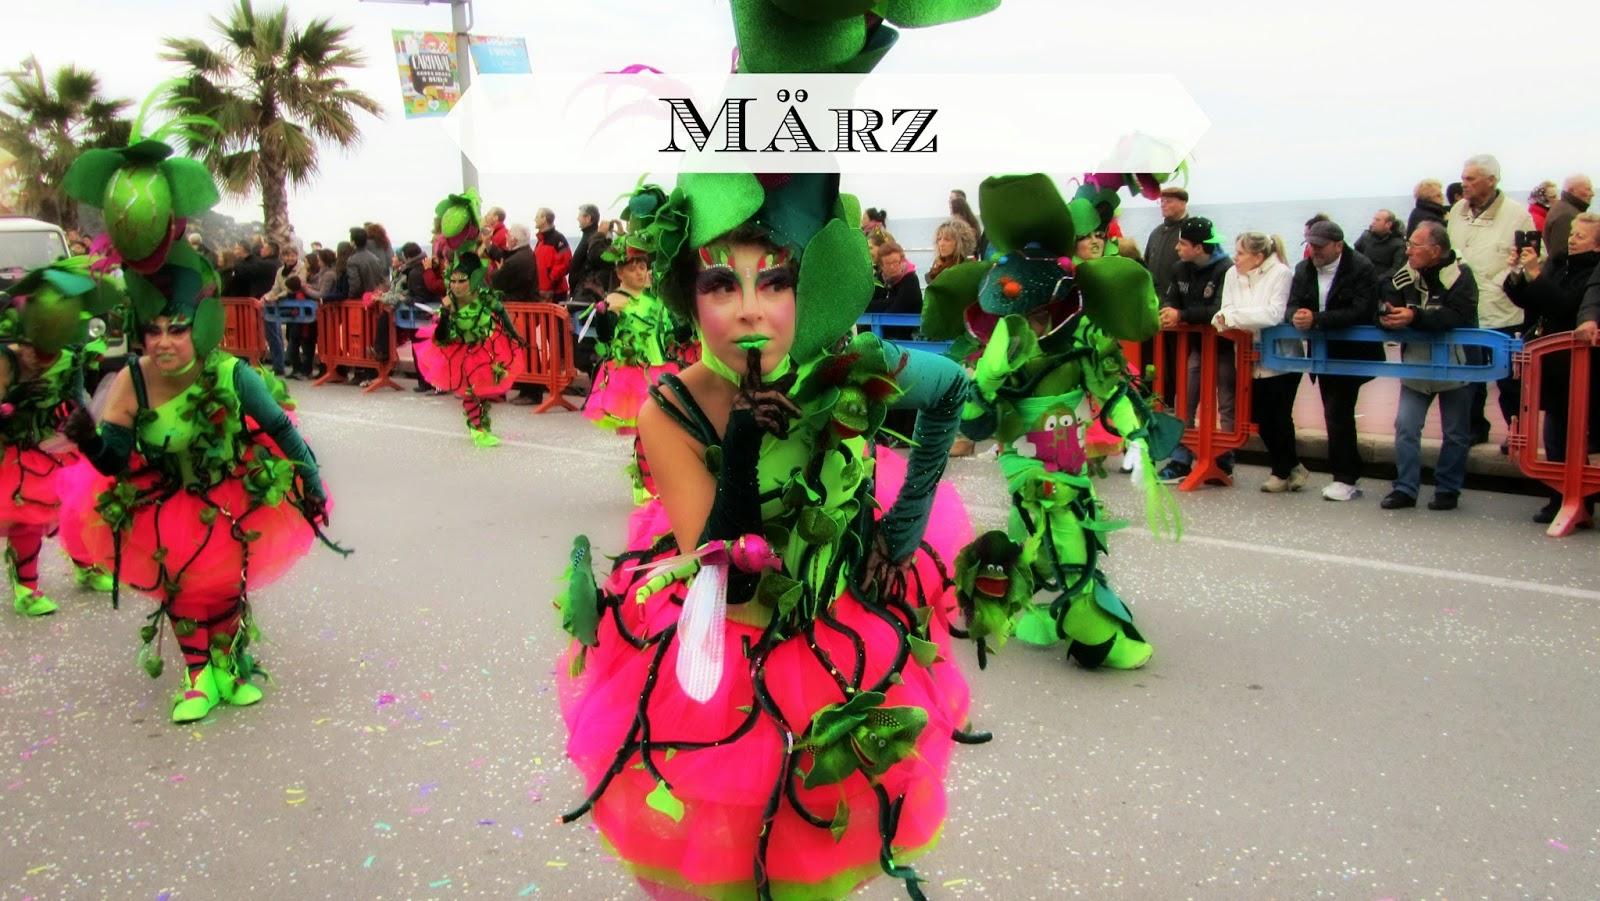 http://sussysmediterraneantreasures.blogspot.de/2014/03/carnaval-de-lloret-de-mar-2802-02032014.html